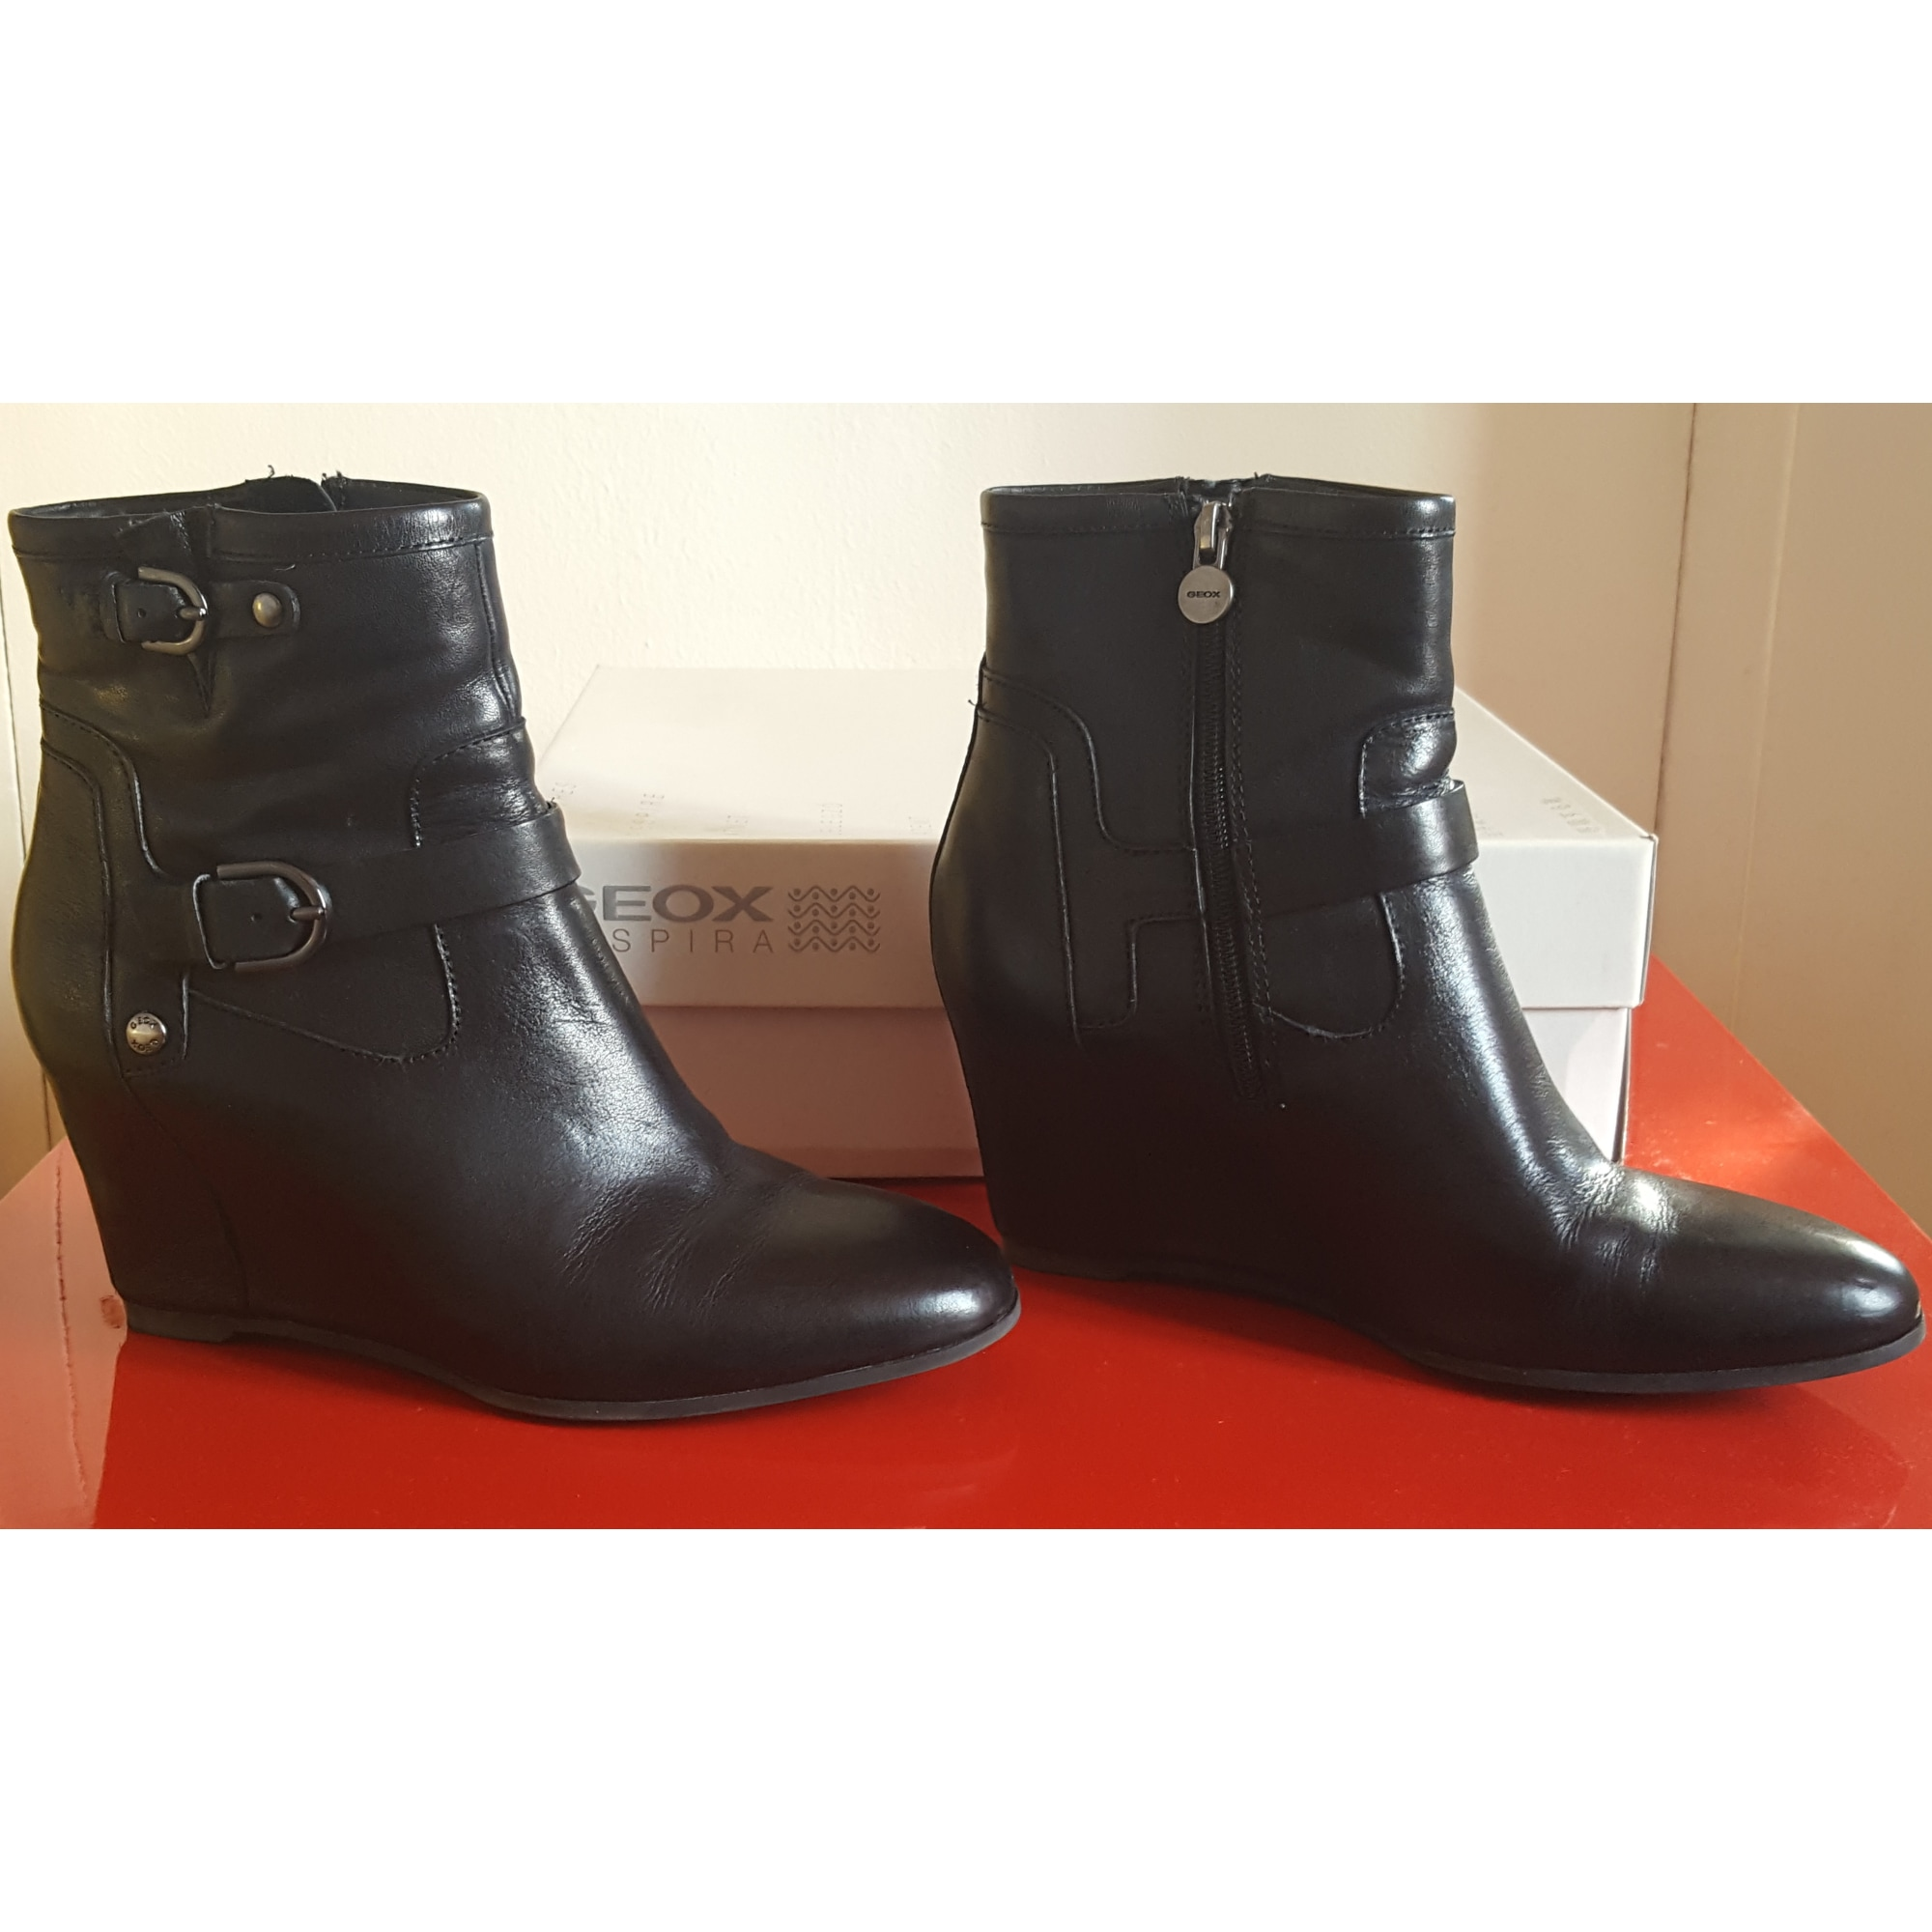 a96ce9f7097dbf Bottines & low boots à compensés GEOX 39 noir vendu par Mi24 - 6684172